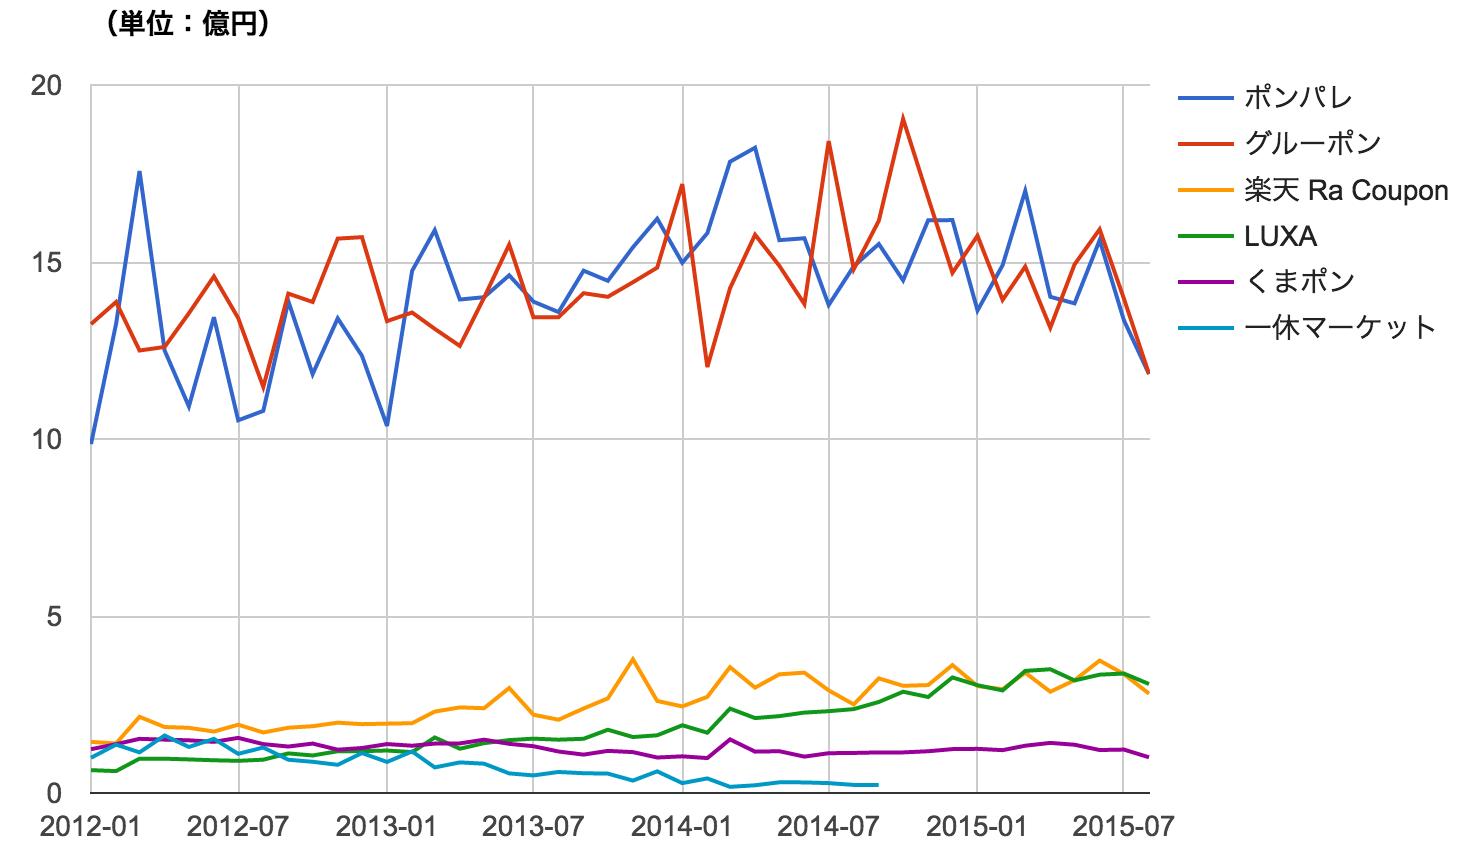 クーポン共同購入サイト別 月次売上高推移 グラフ